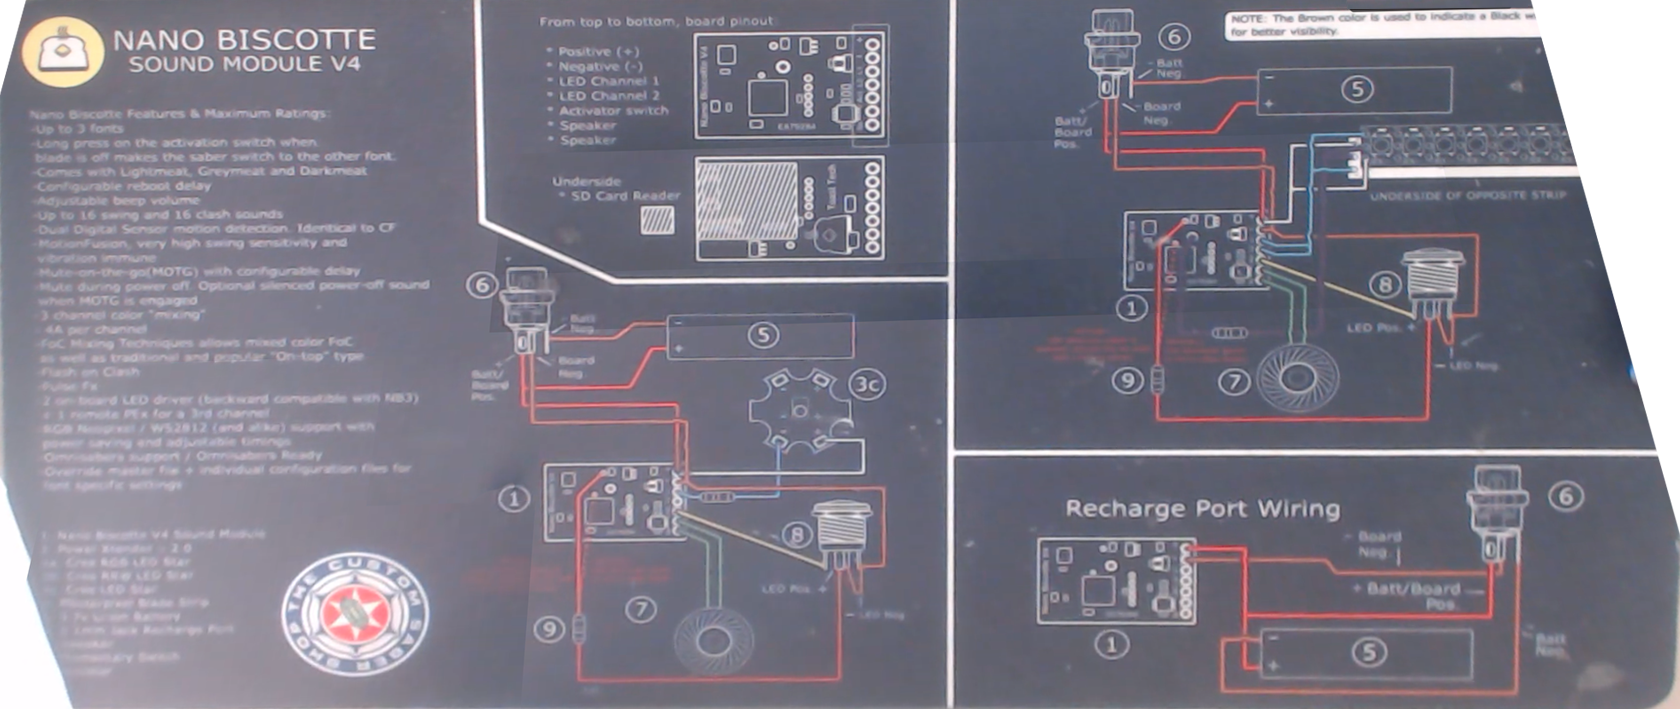 LIGHTSABER - SOUND BOARD - NANO BISCOTTE V4 - WIRING DIAGRAM MAT - 001.png